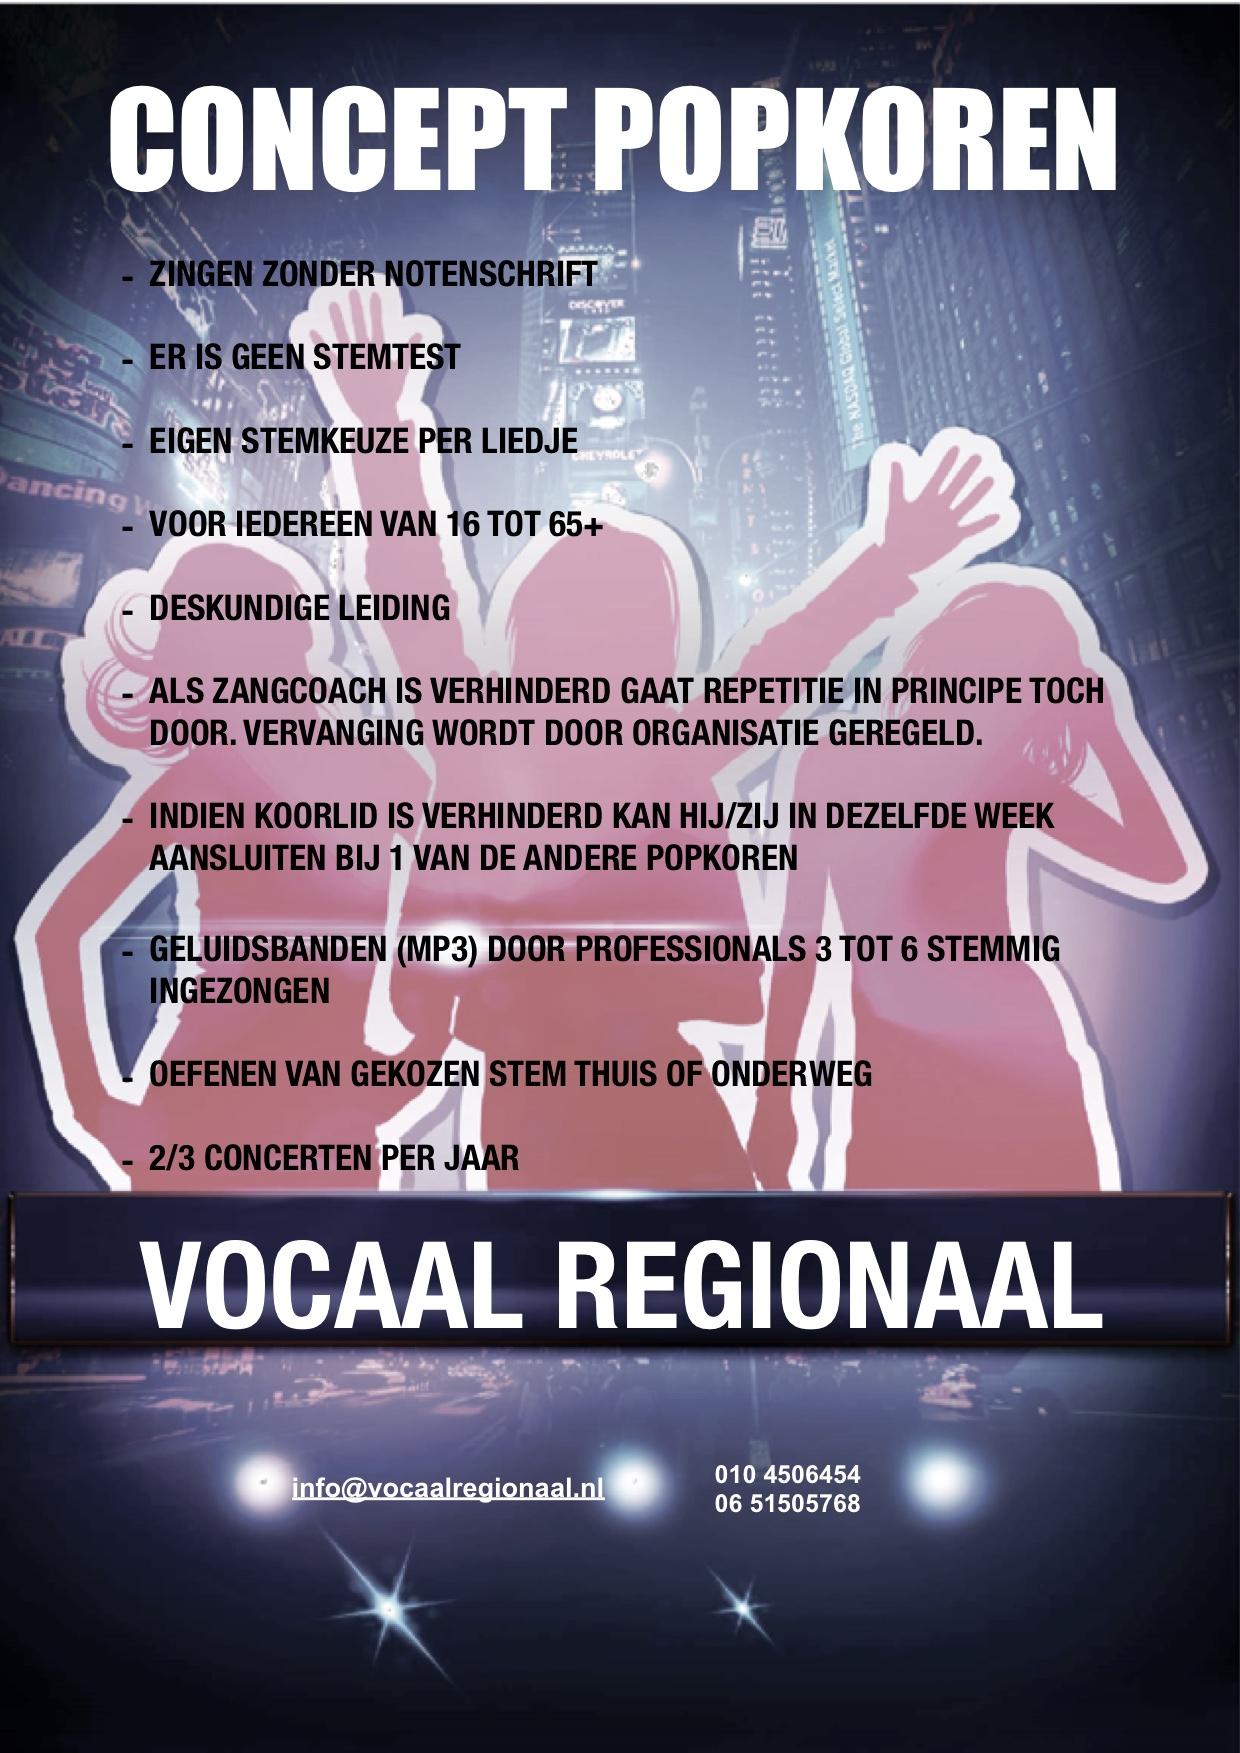 Concept Vocaal Regionaal